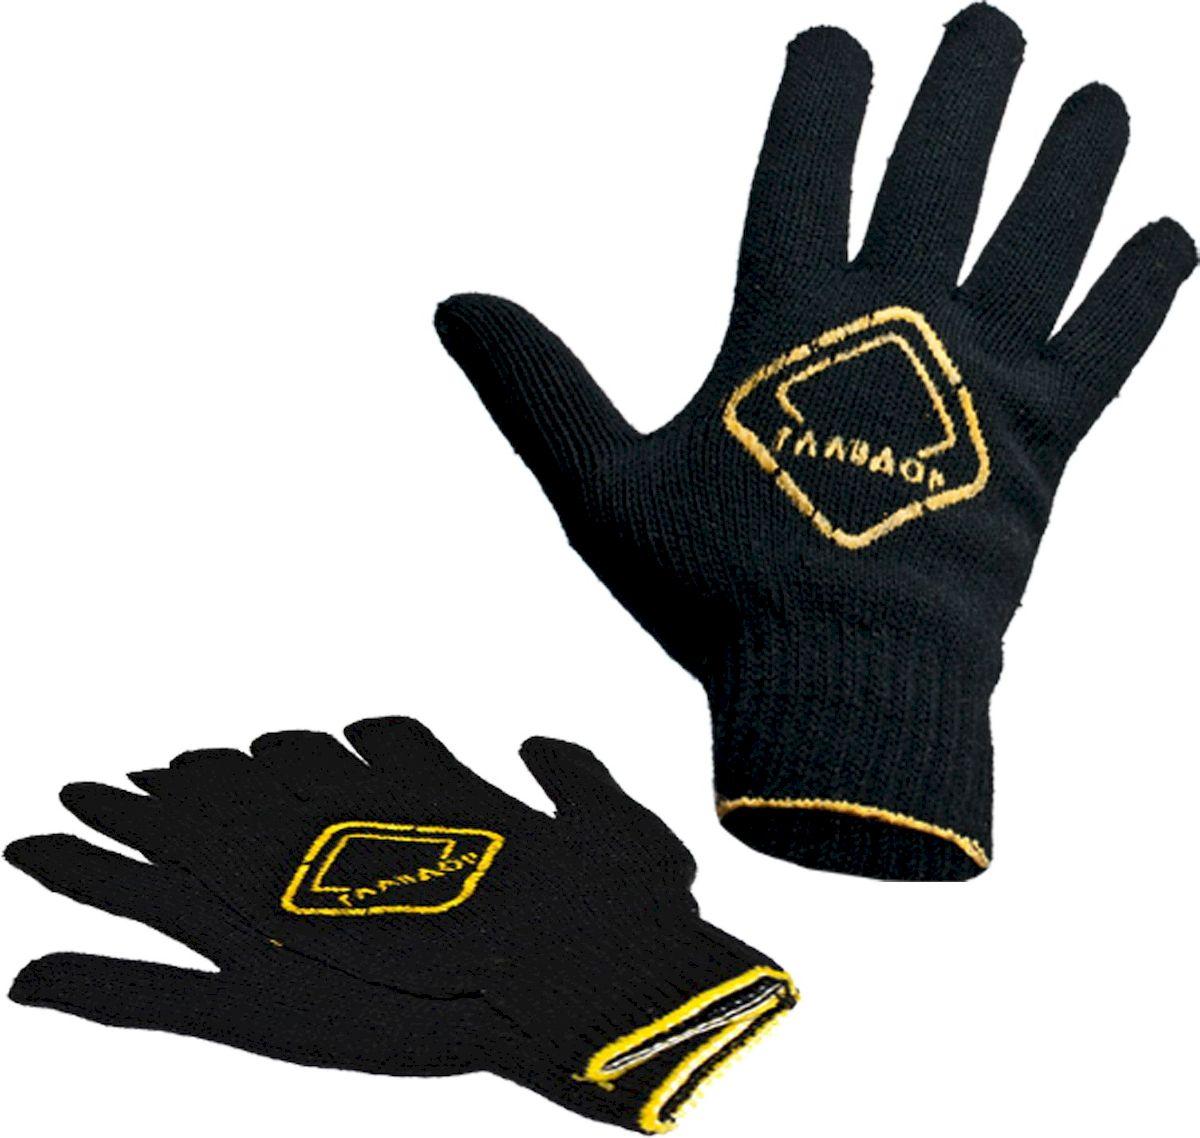 Перчатки защитные Главдор, цвет: черный. GL-4780621Классические защитные перчатки Главдор выполнены из хлопка в 4 нити с точками с ПВХ. Прекрасно подходят для проведения ремонтных и прочих работ, а также для защиты рук от загрязнений.